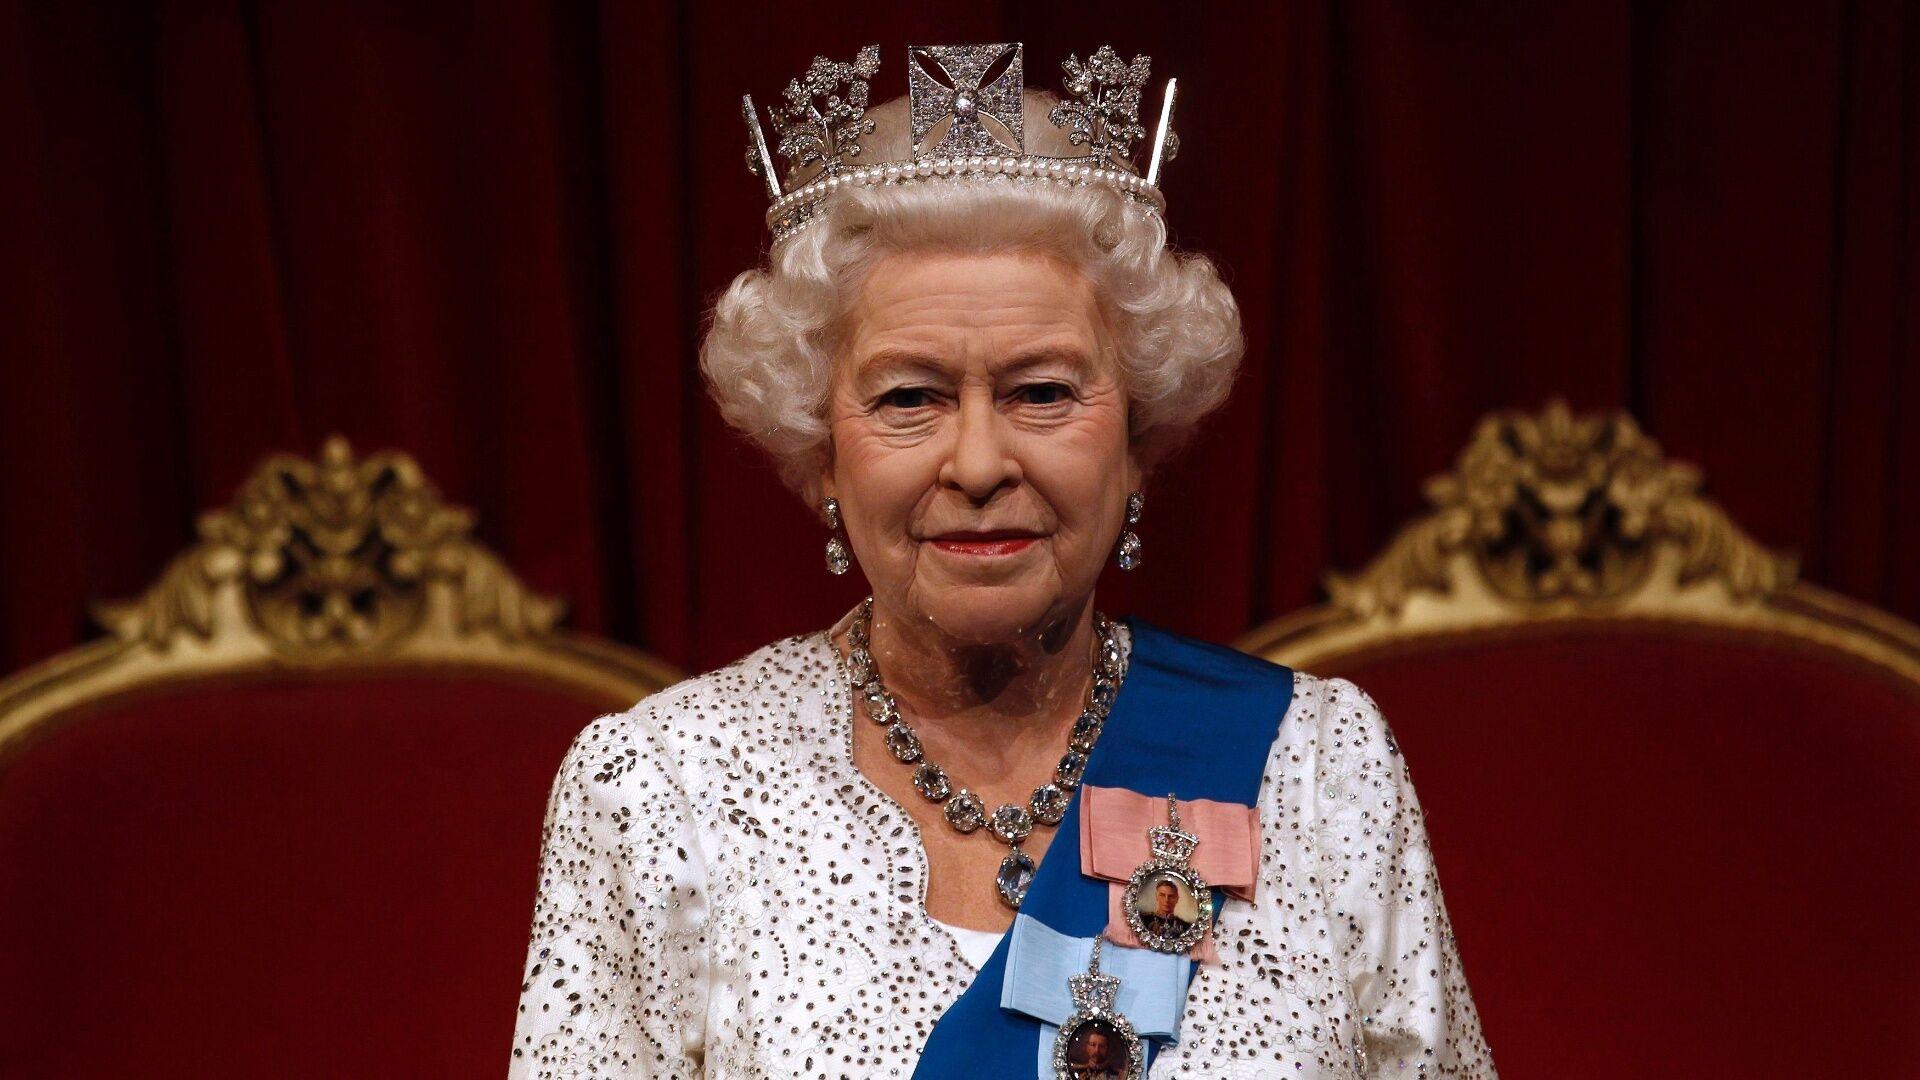 Qual é a fortuna da Rainha da Inglaterra? Quem gasta mais a Dilma ou a Rainha da Inglaterra?